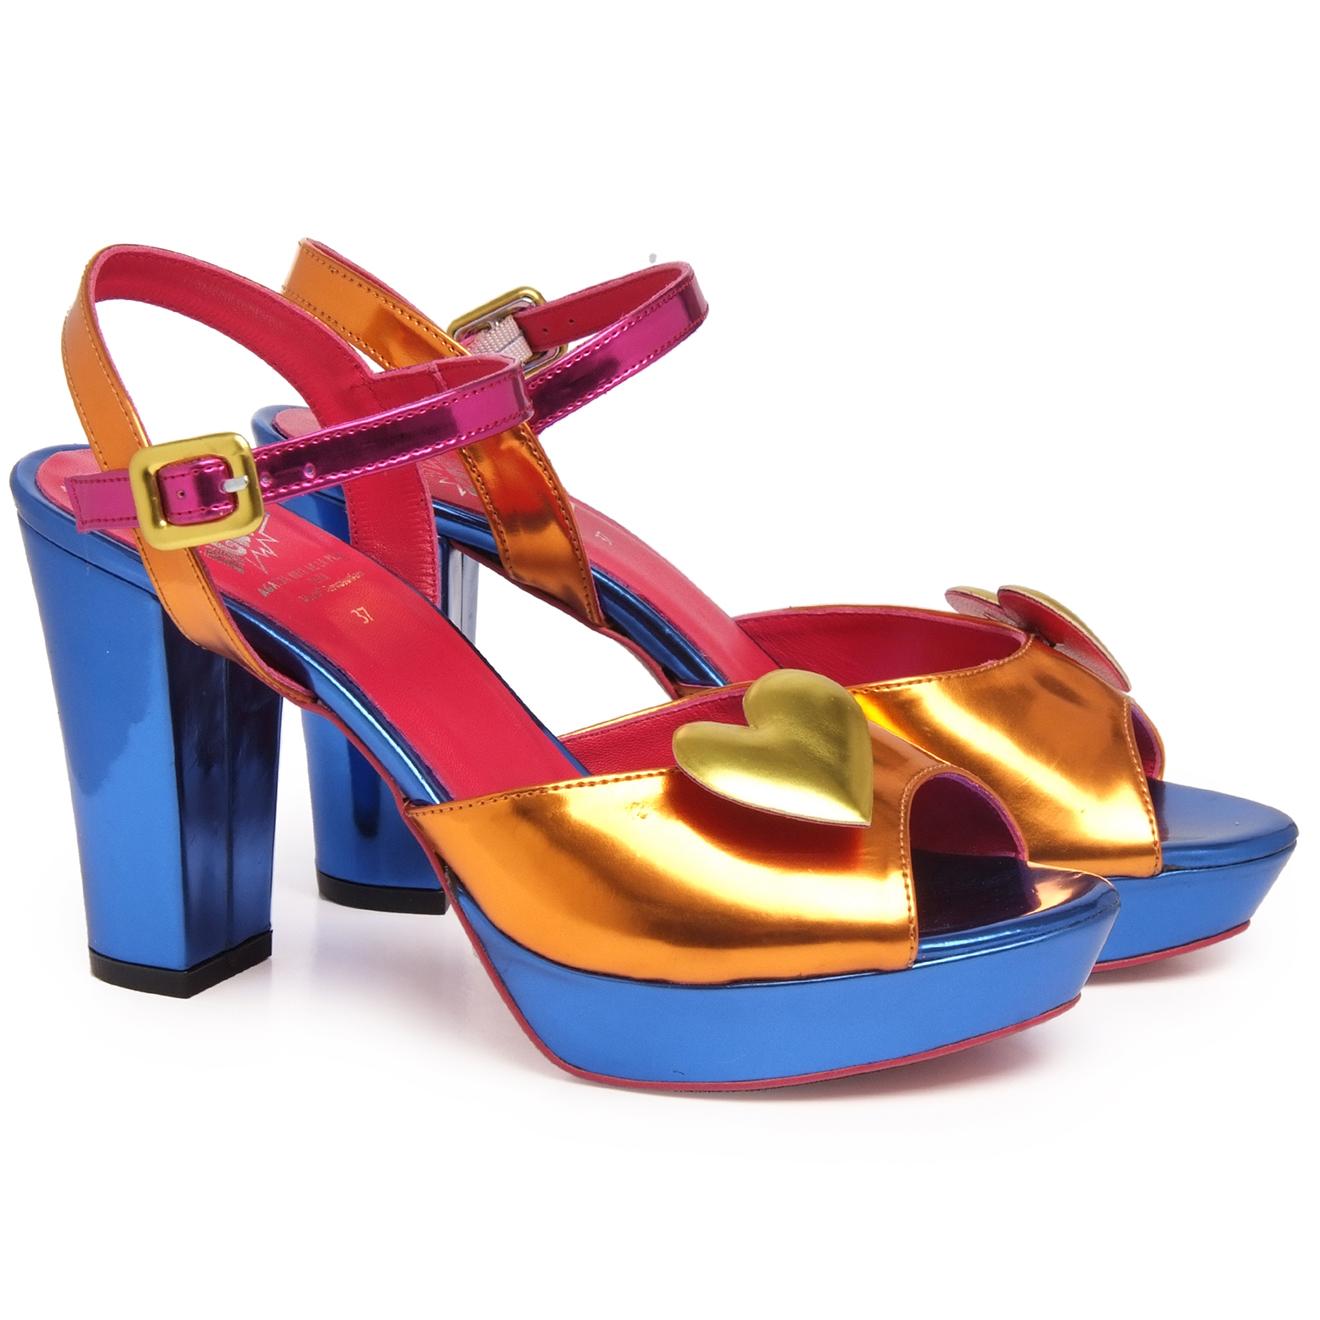 Sandales Elisa bleu/orange/doré/fuchsia - Talon 10.5 cm - Agatha ruiz de la prada - Modalova